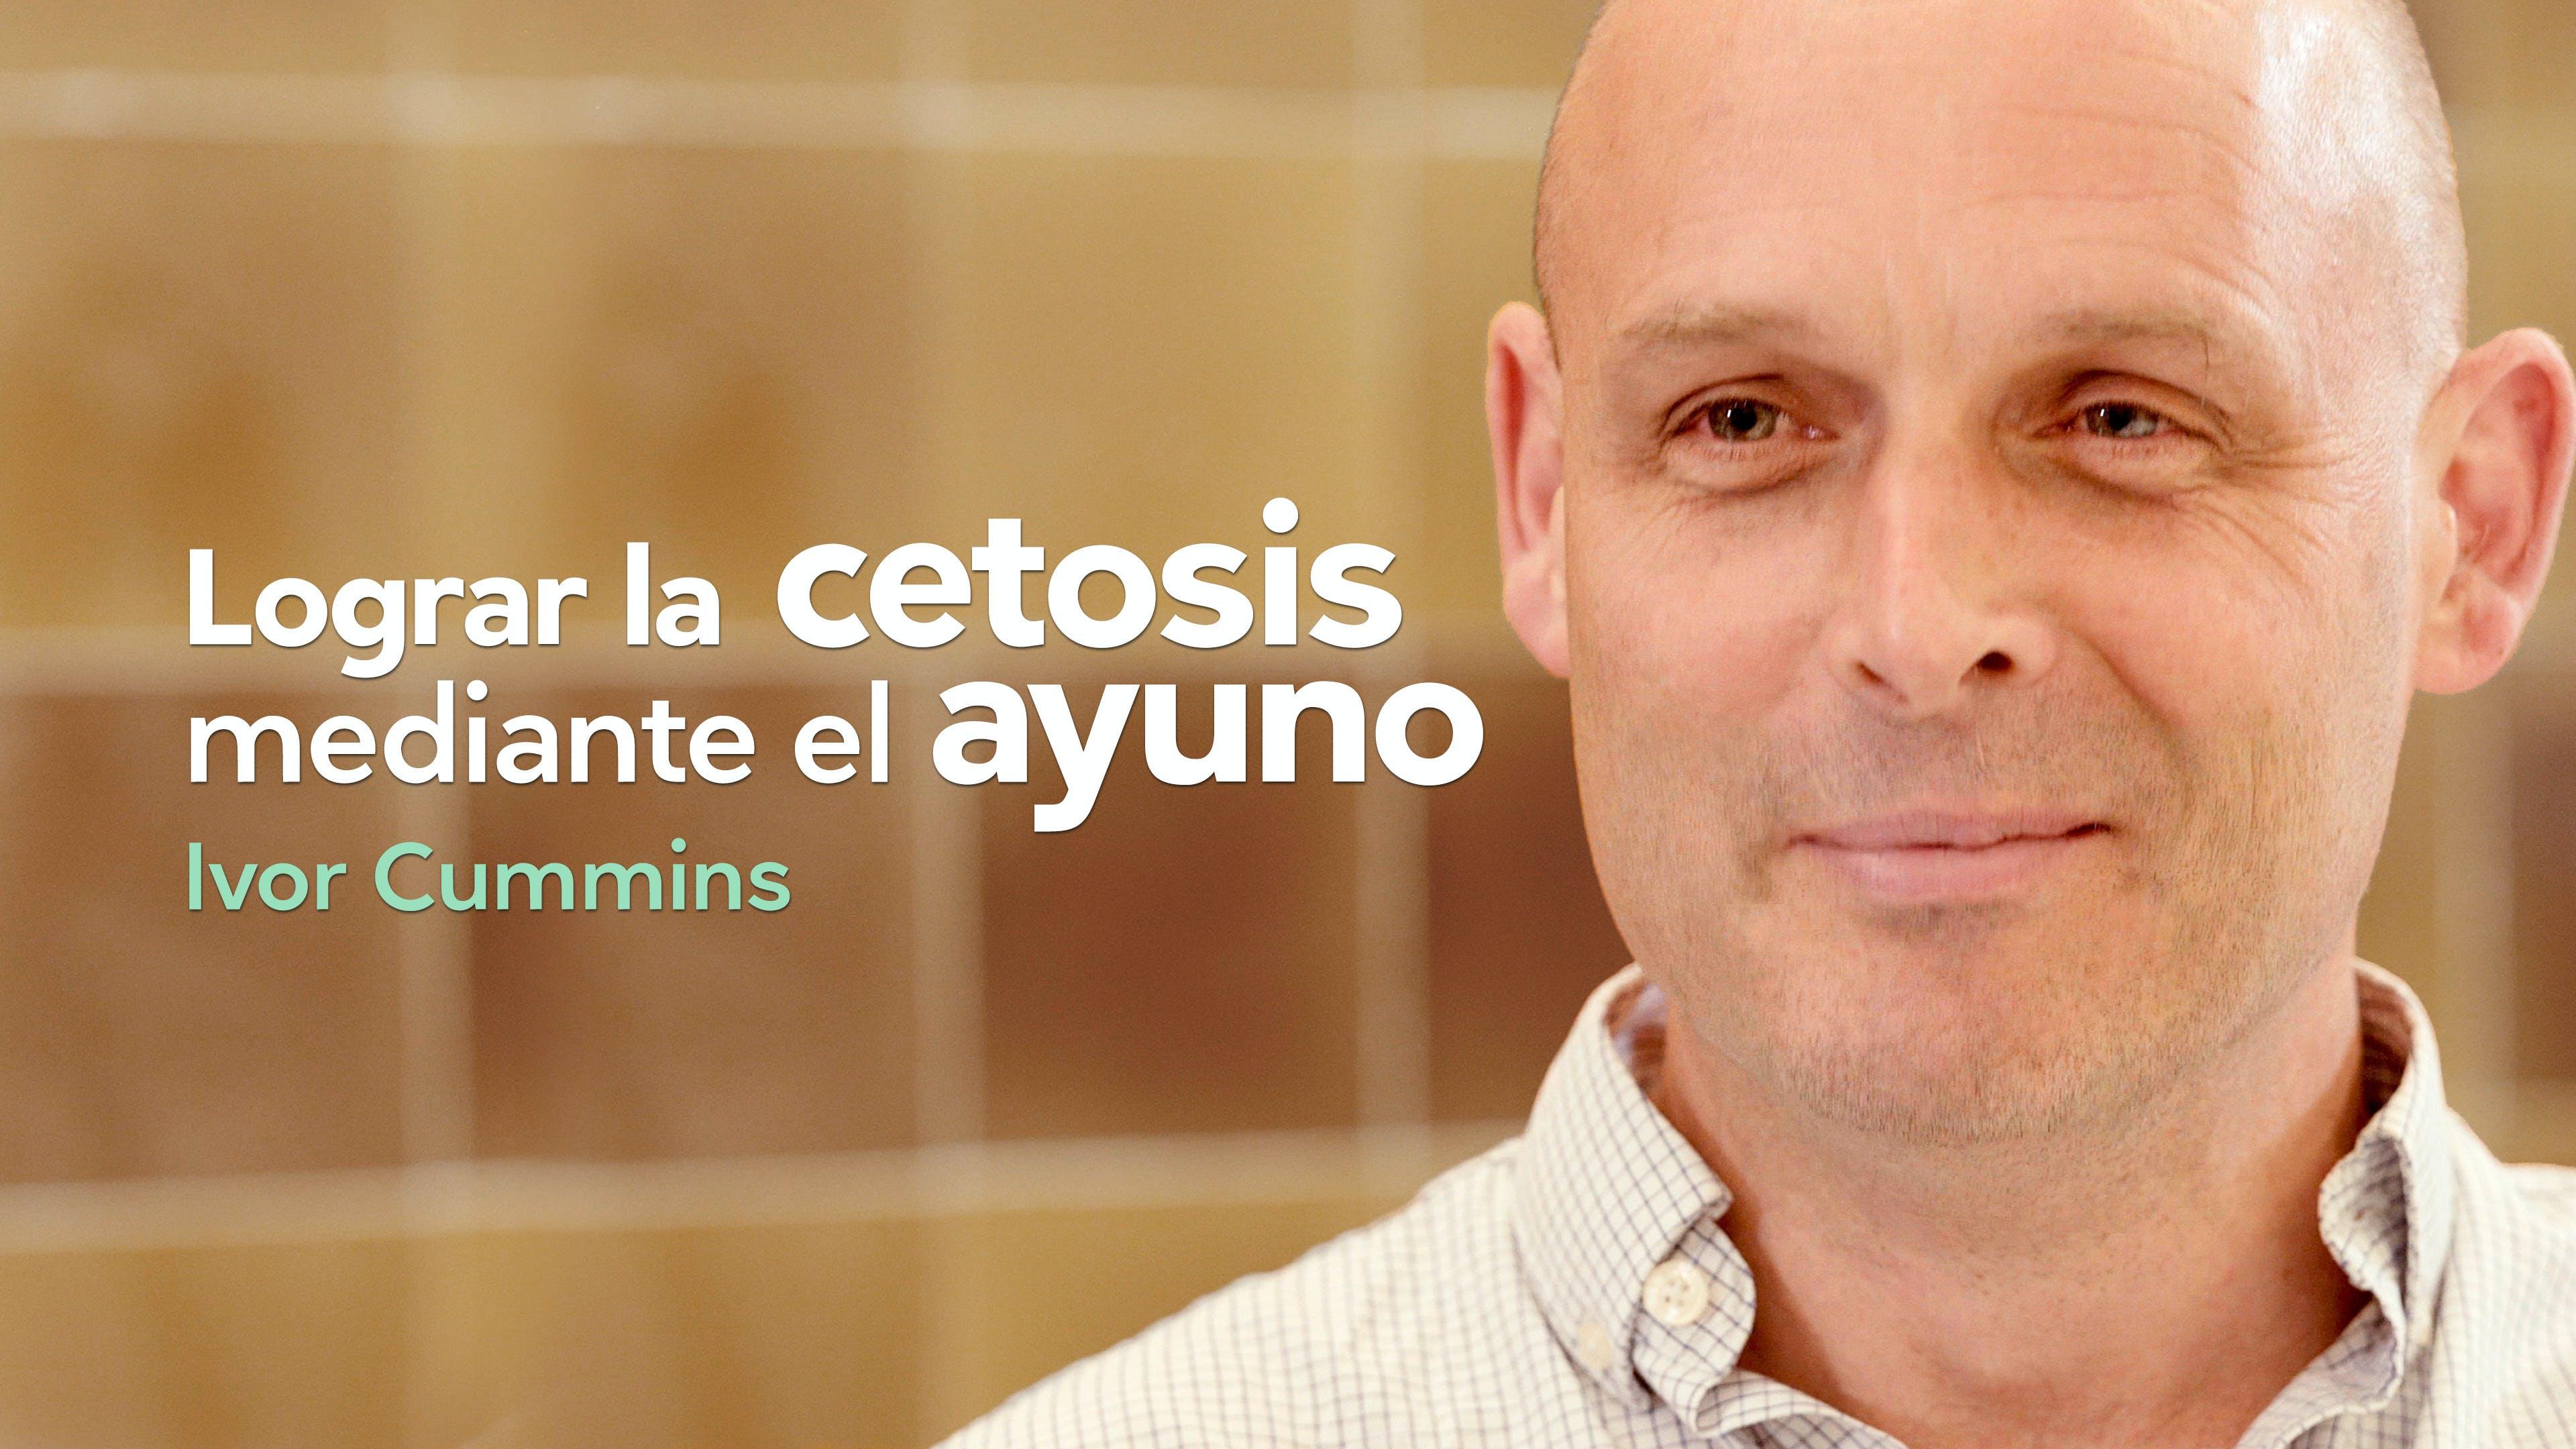 Lograr la cetosis mediante el ayuno